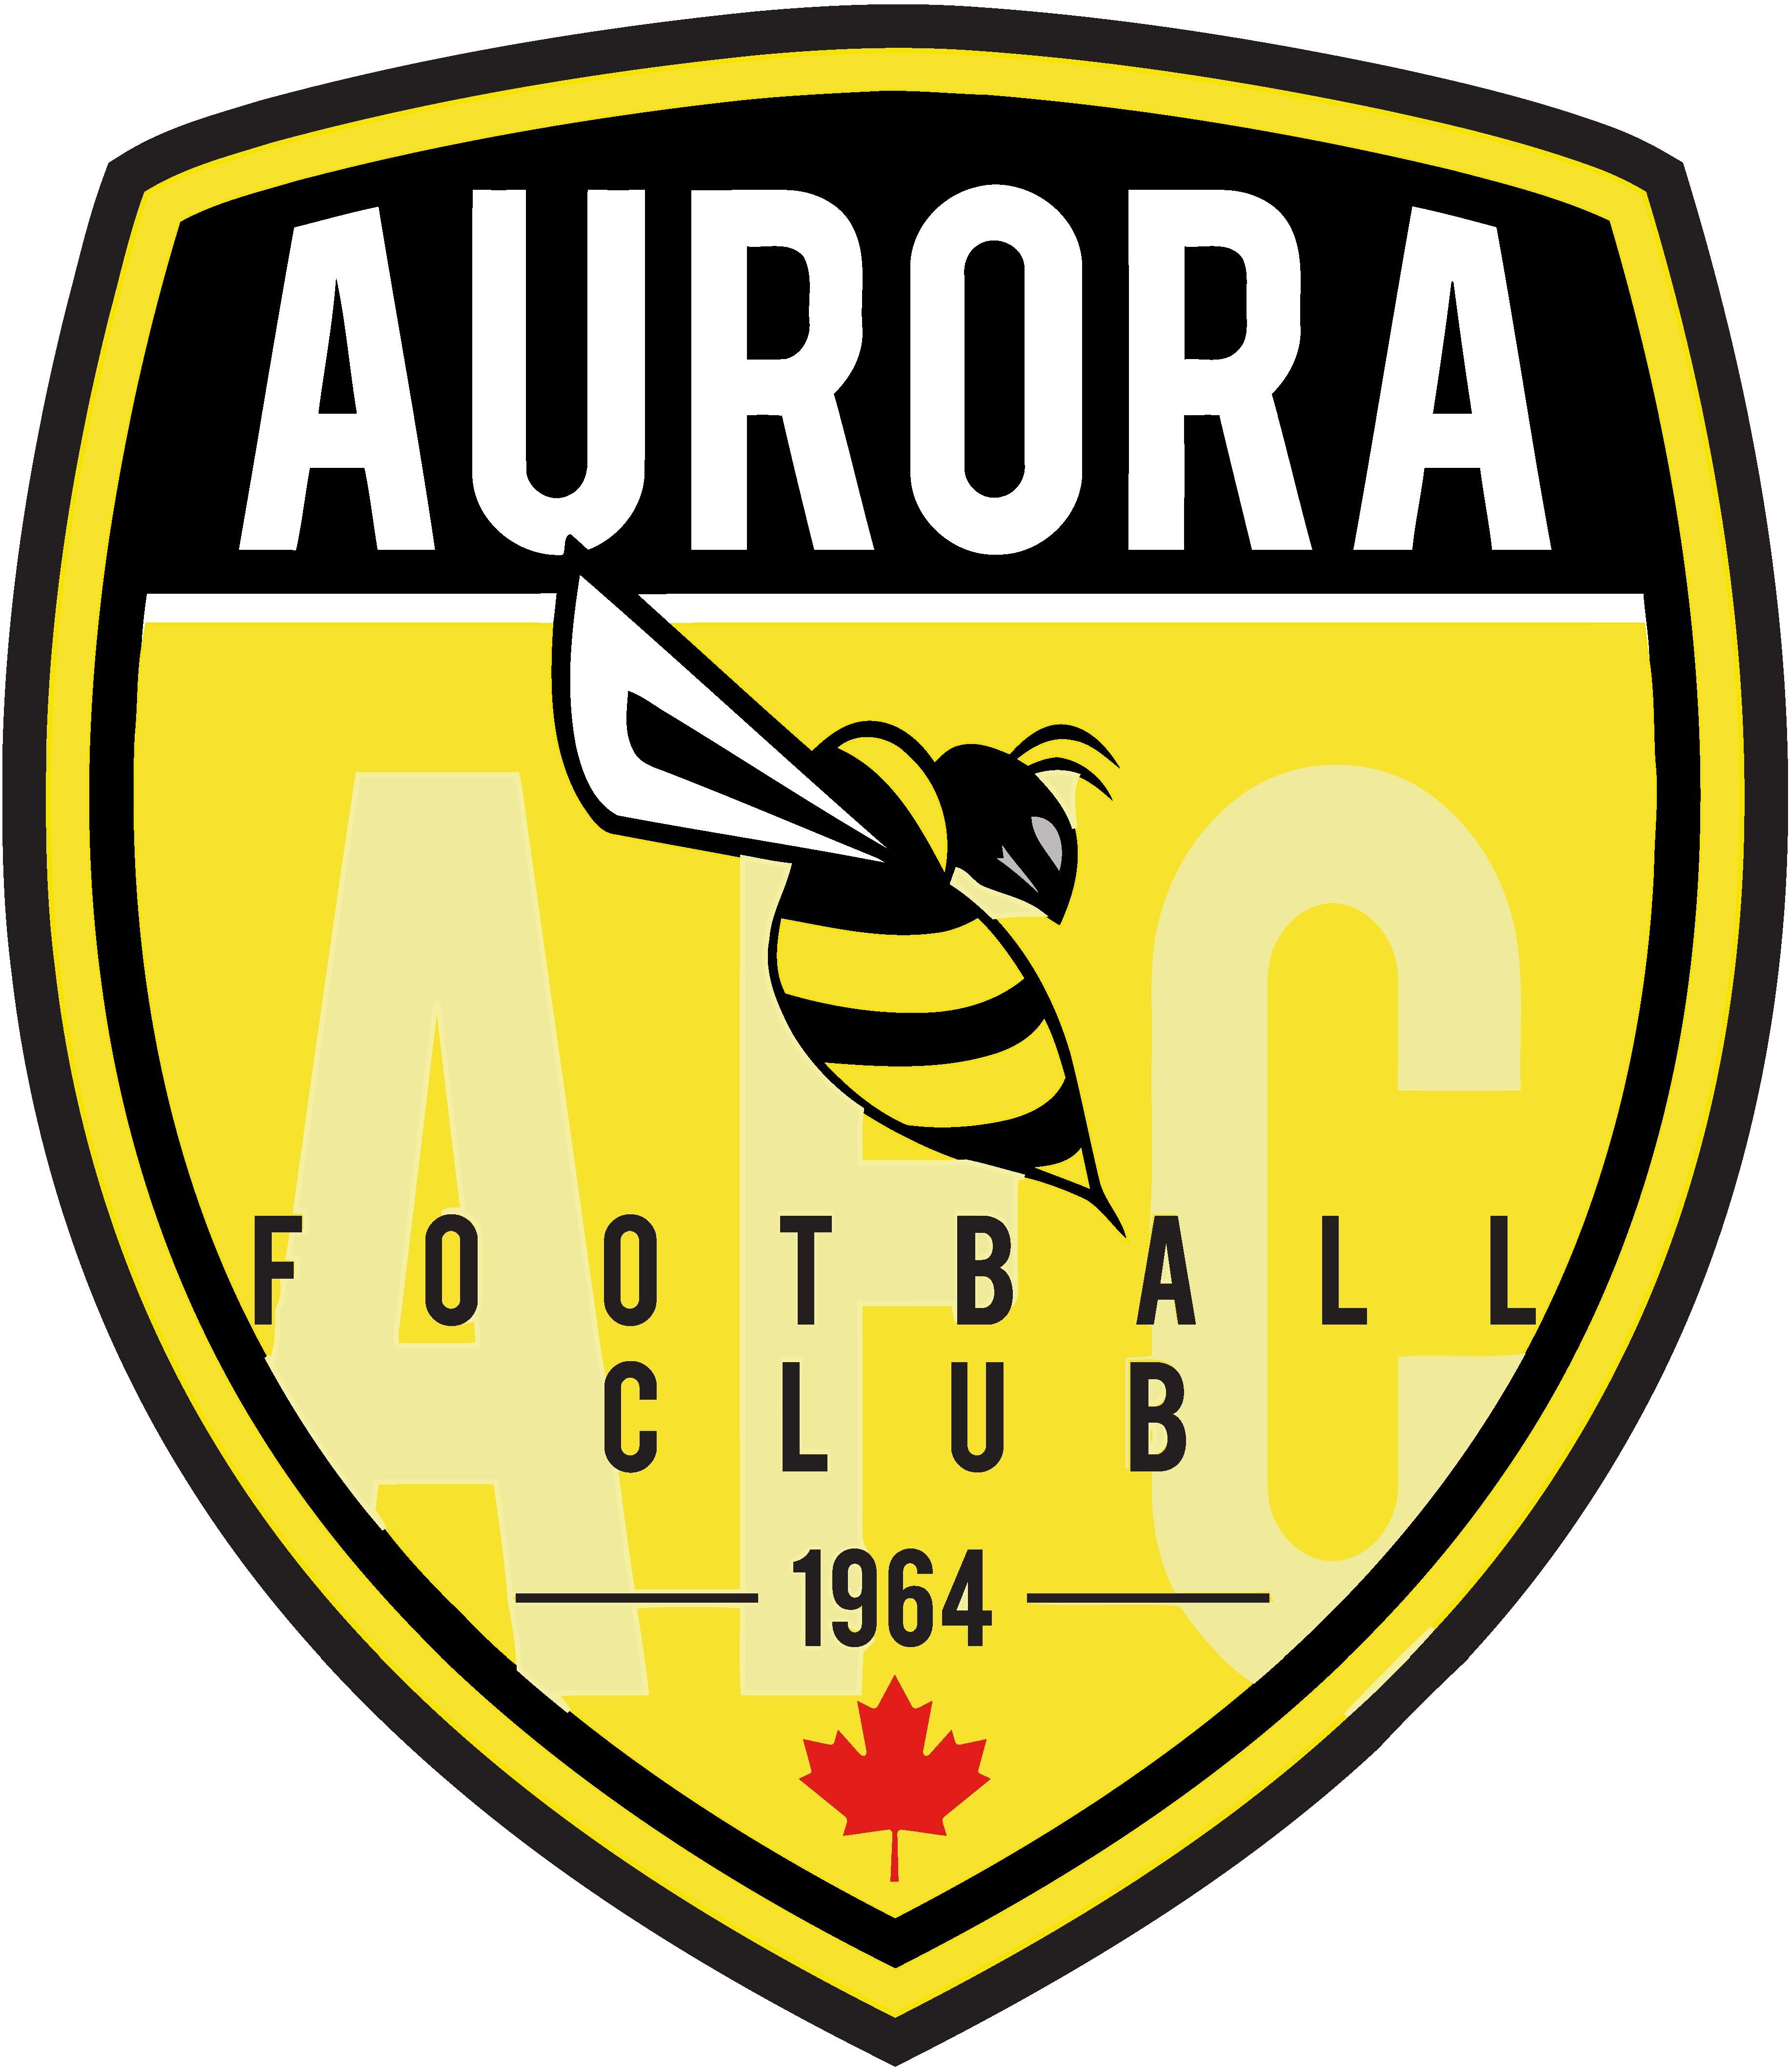 Aurora FC/AYSC